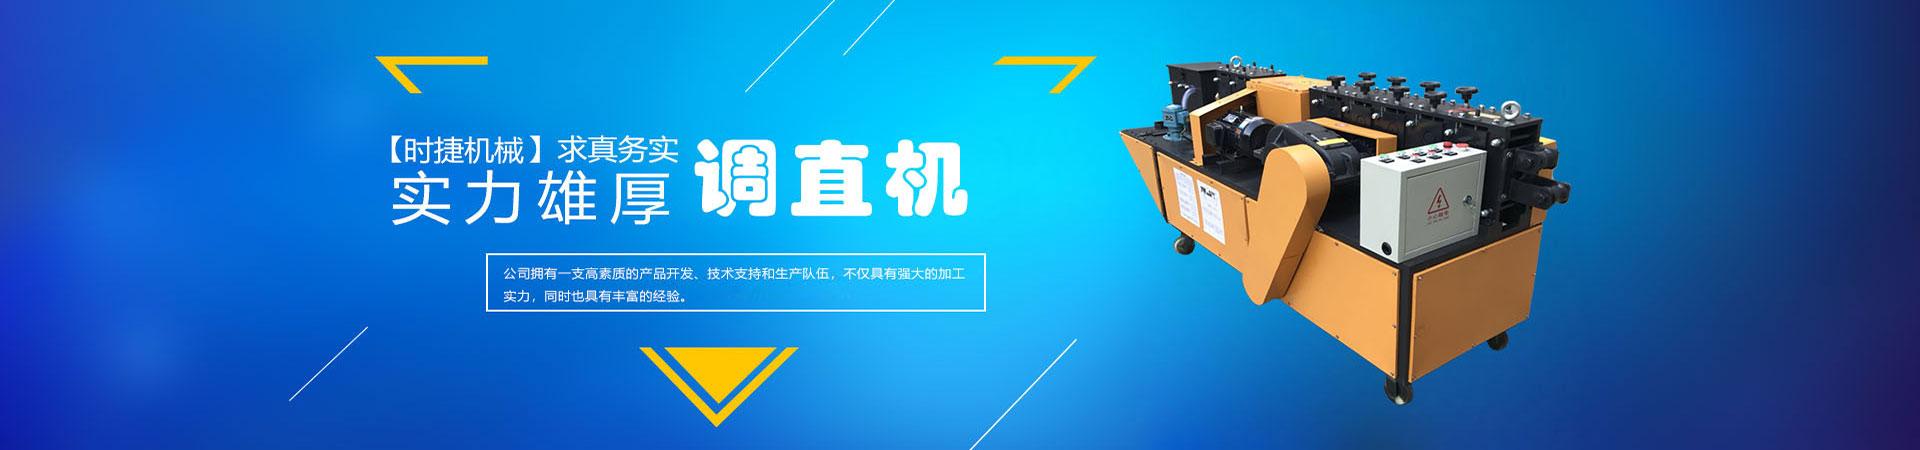 河南时捷机械设备有限公司